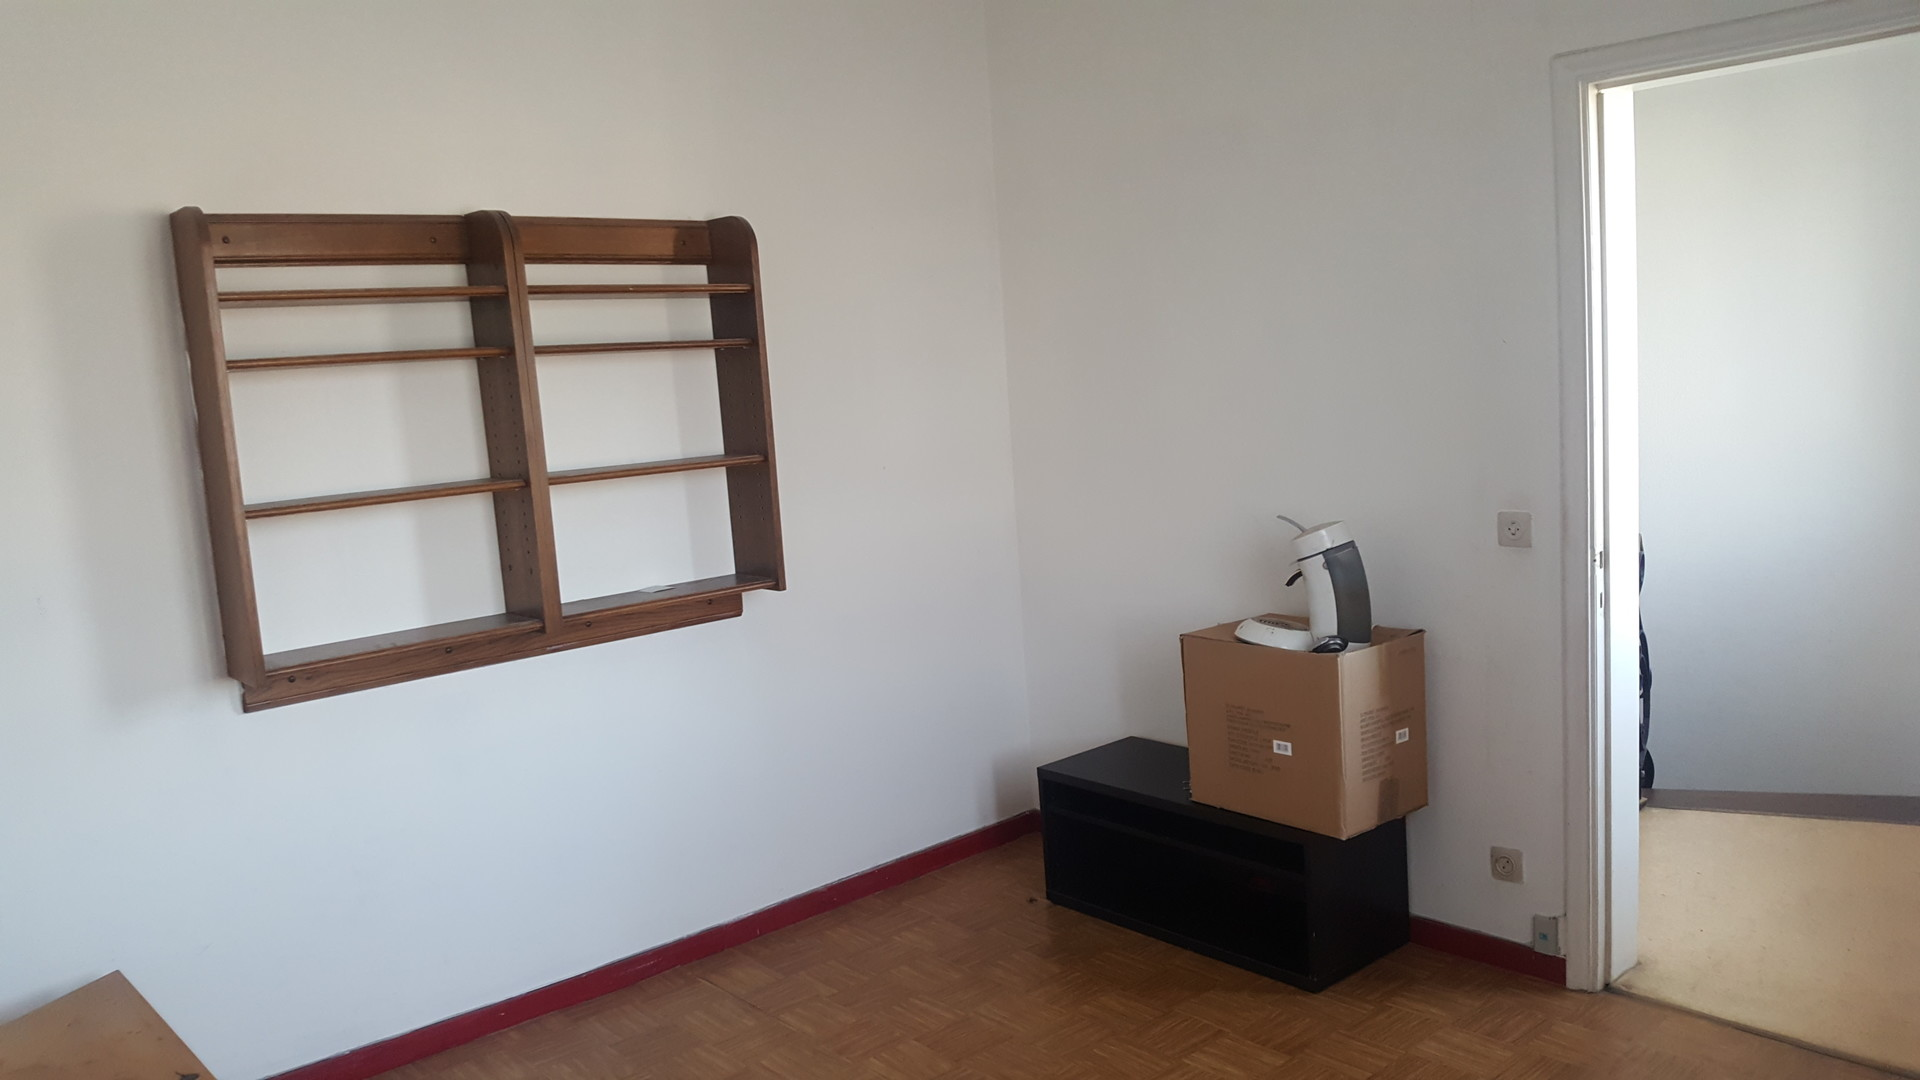 Combien De Wc Dans Une Maison studio spacieux 3 pièces + wc dans une maison confortable. 500€/m.